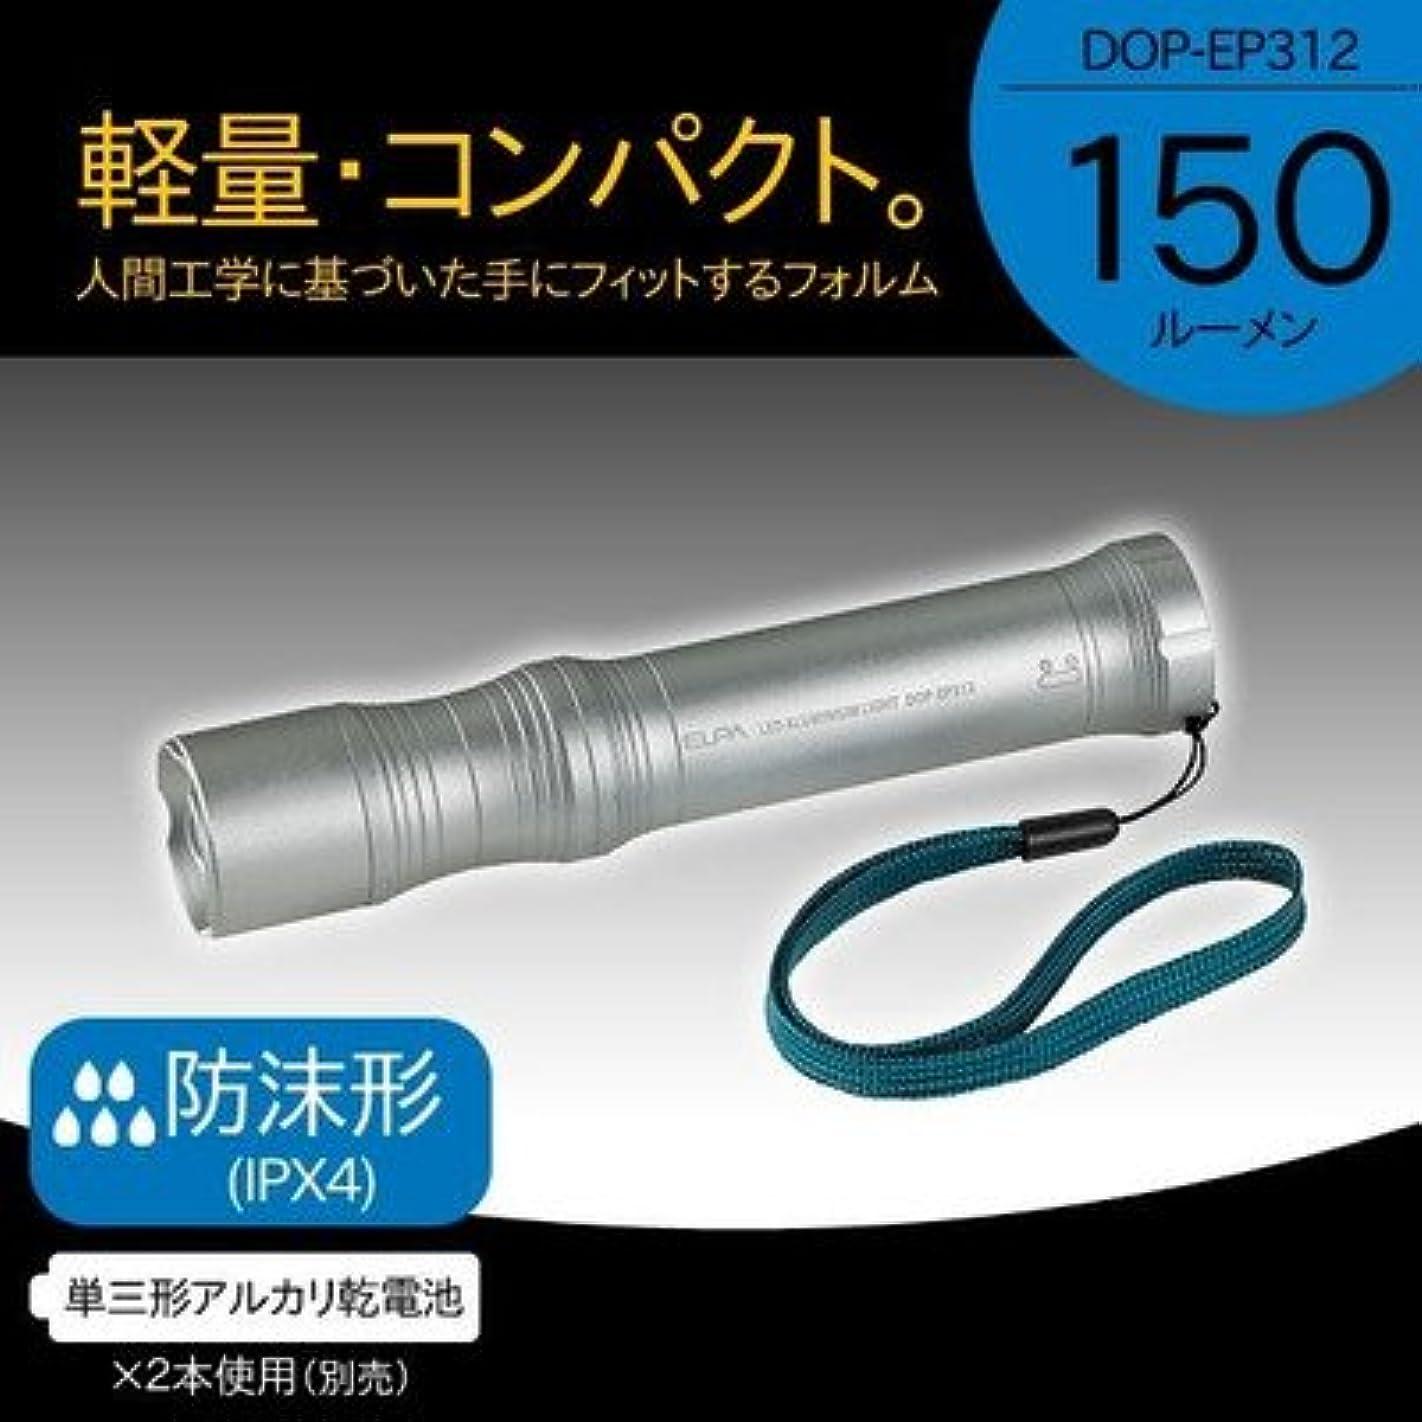 スタジオ雑品ラメELPA(エルパ) エルゴフォルム LEDハンドライト DOP-EP312 1804500